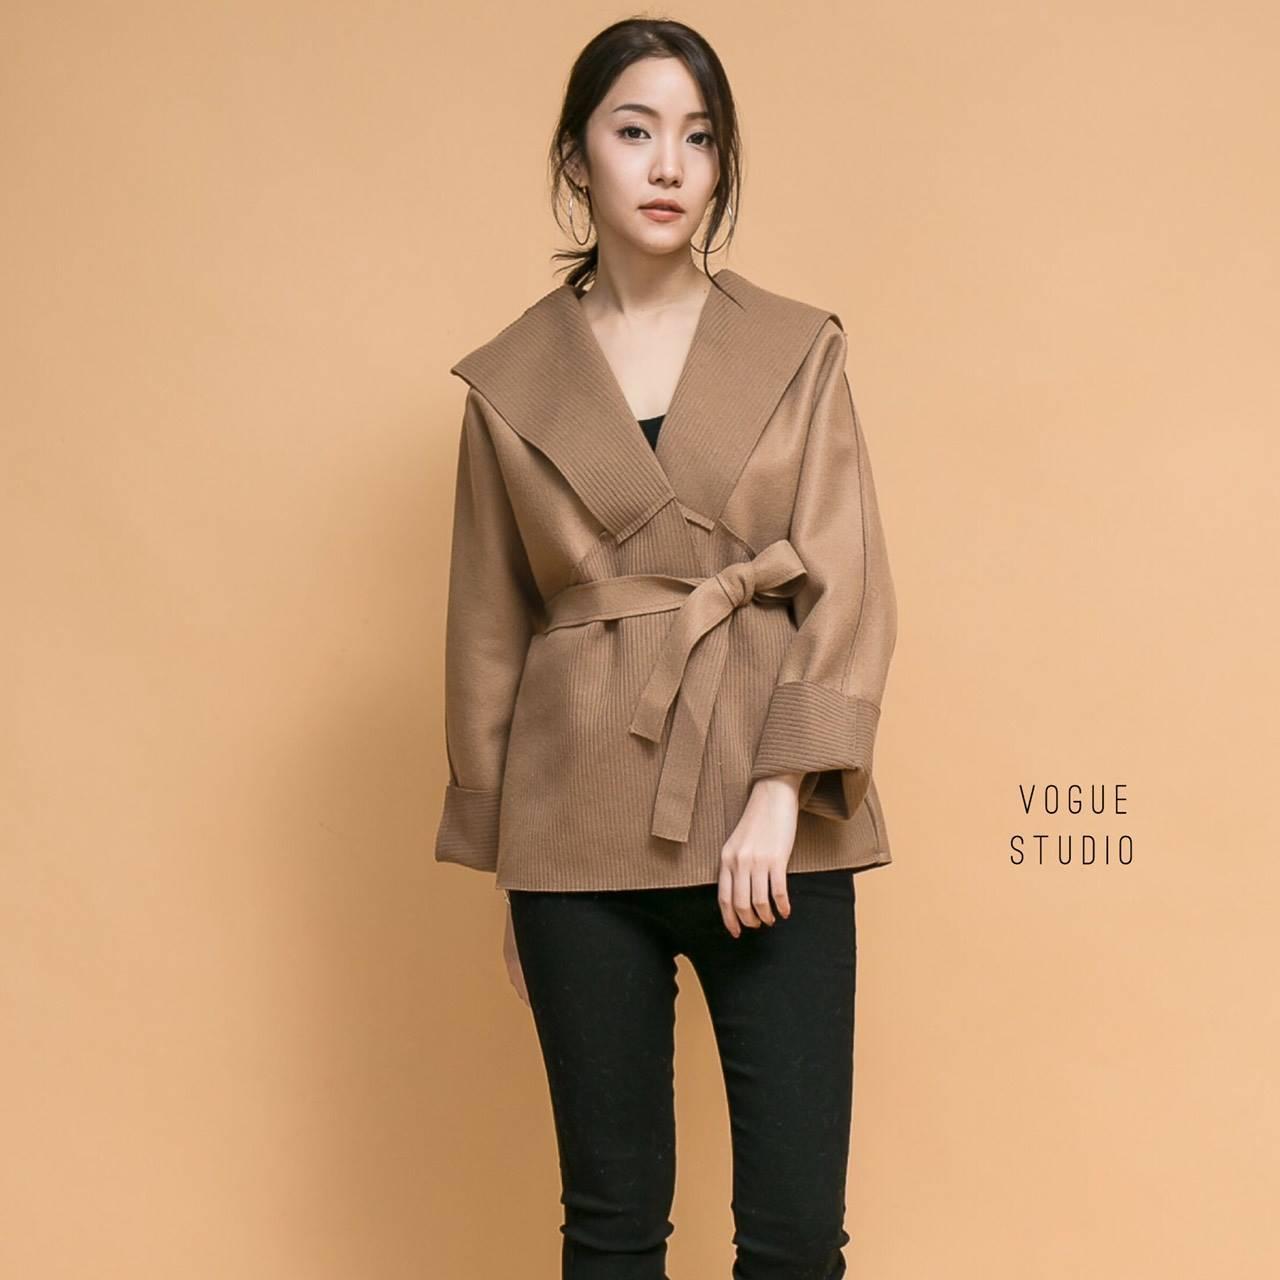 เสื้อผ้าเกาหลีพร้อมส่ง เสื้อโค้ทแขนยาว ทรงไหล่ตก